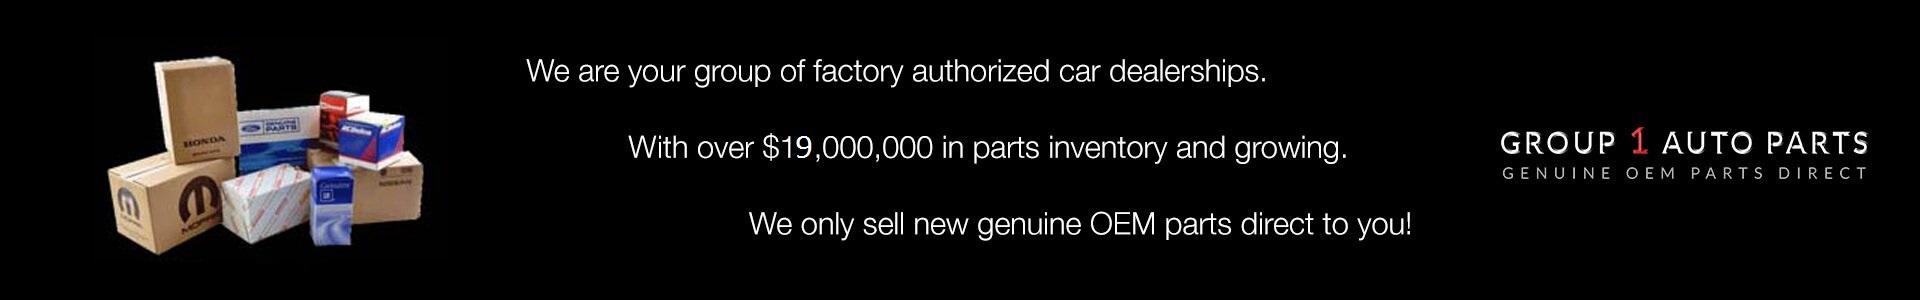 Group 1 Auto Parts